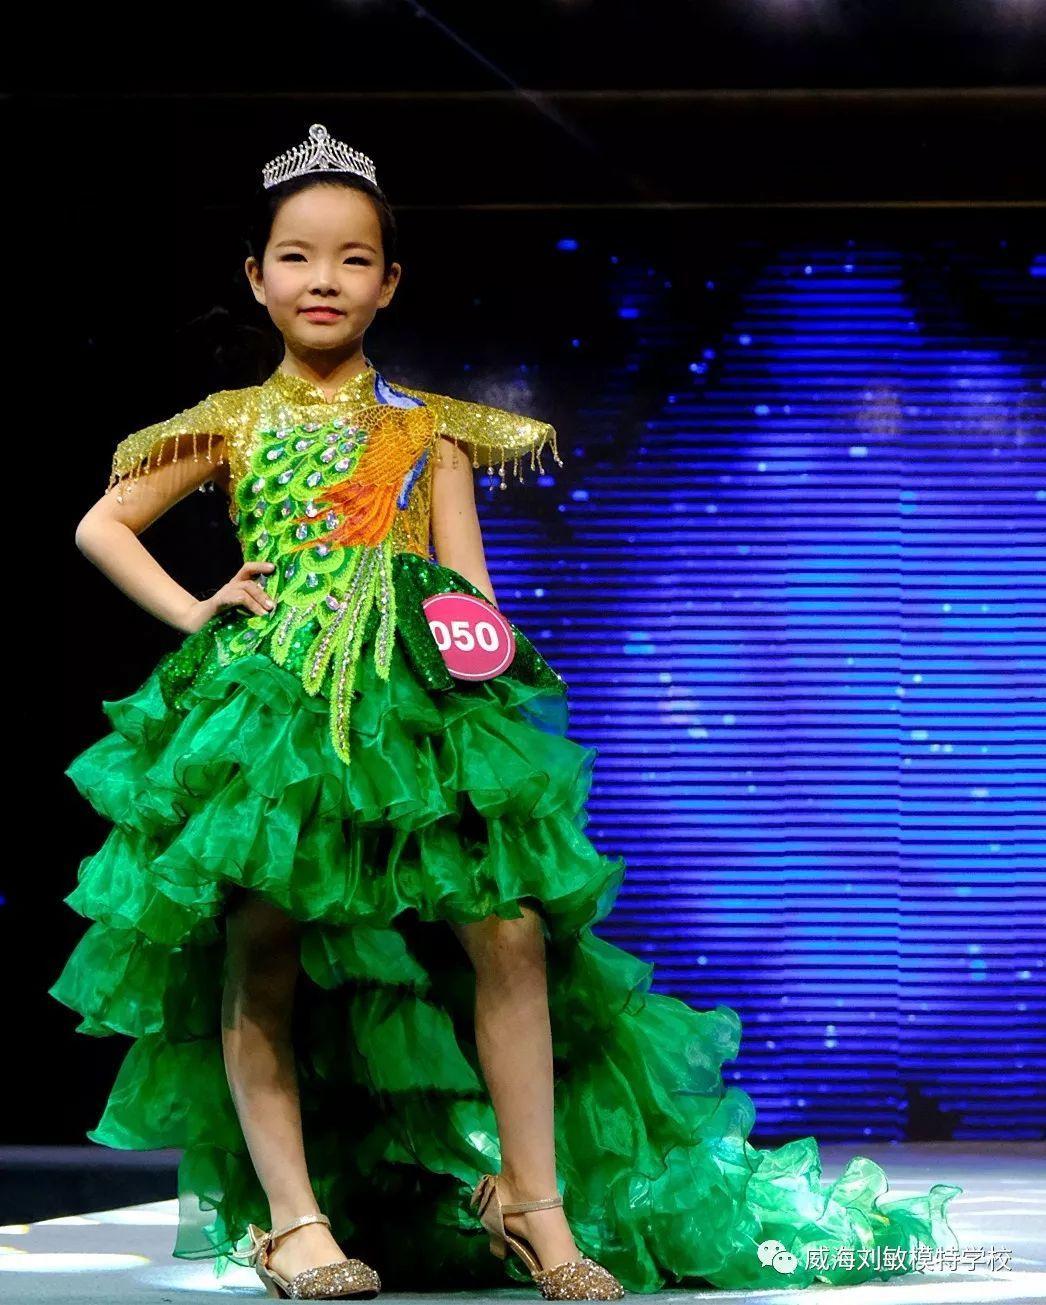 2018国际少儿模特明星盛典·全国总决赛  儿童组冠军 张晓妮 歌曲